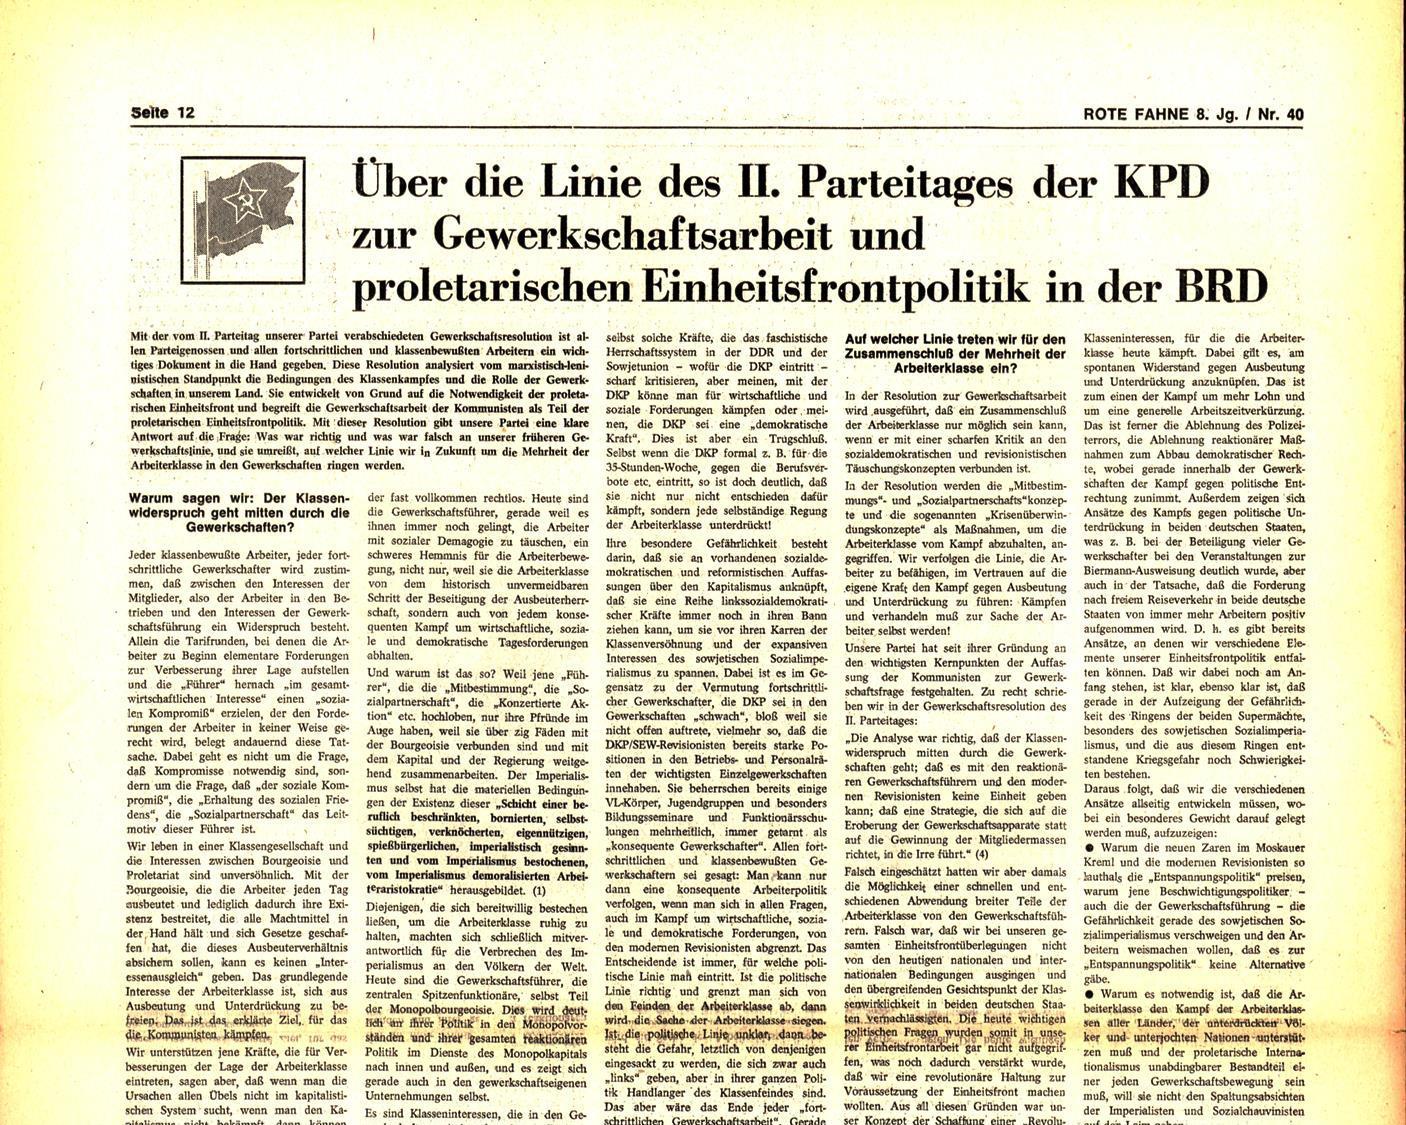 KPD_RF_1977_40_23